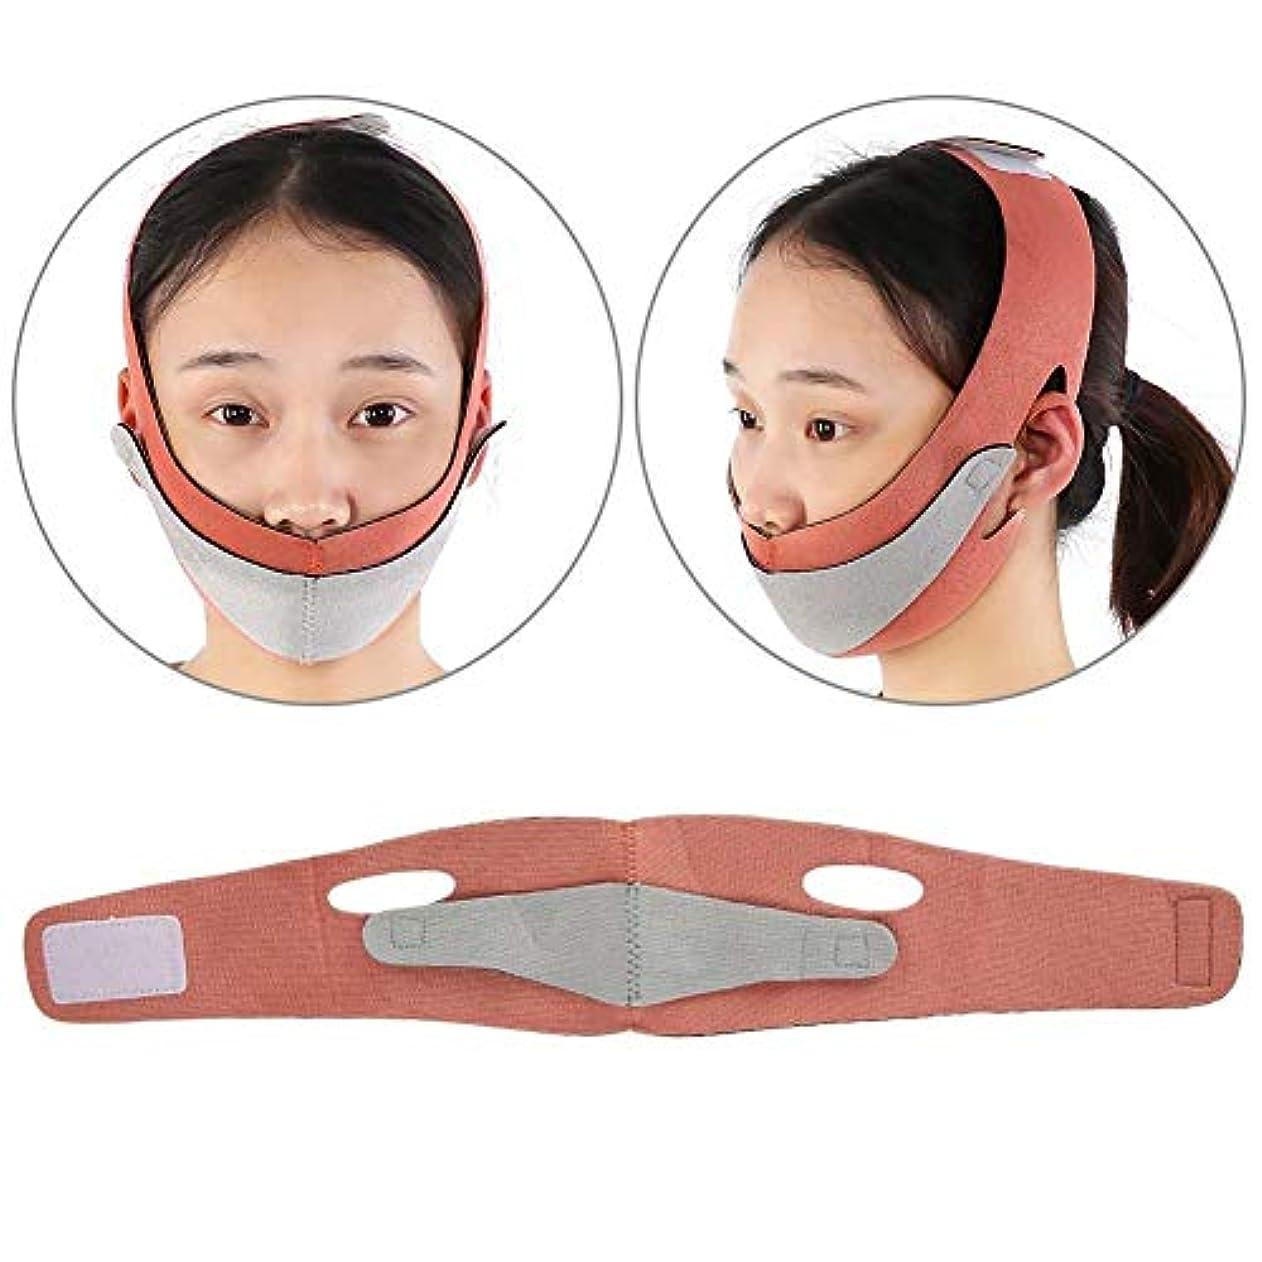 オーガニック彫刻紛争顔の輪郭を改善し、二重あご、脂肪蓄積、筋肉弛緩を効果的に改善するためのVフェイス美容包帯(02)